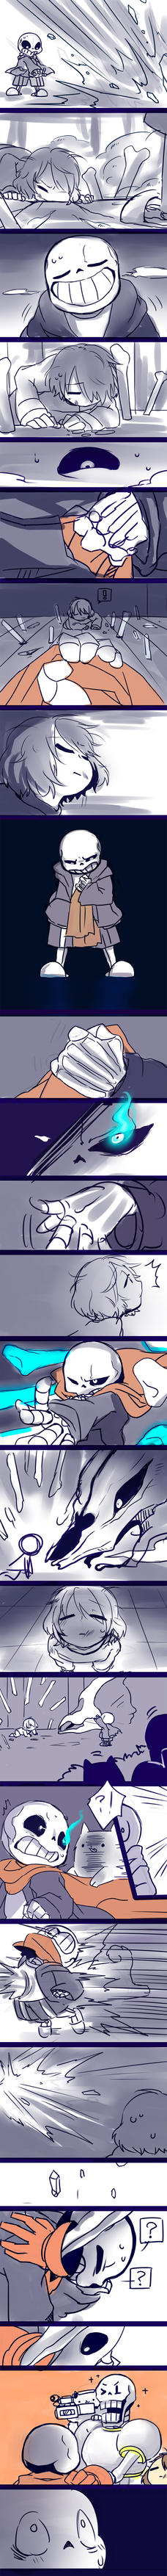 deceived! by kuzukago